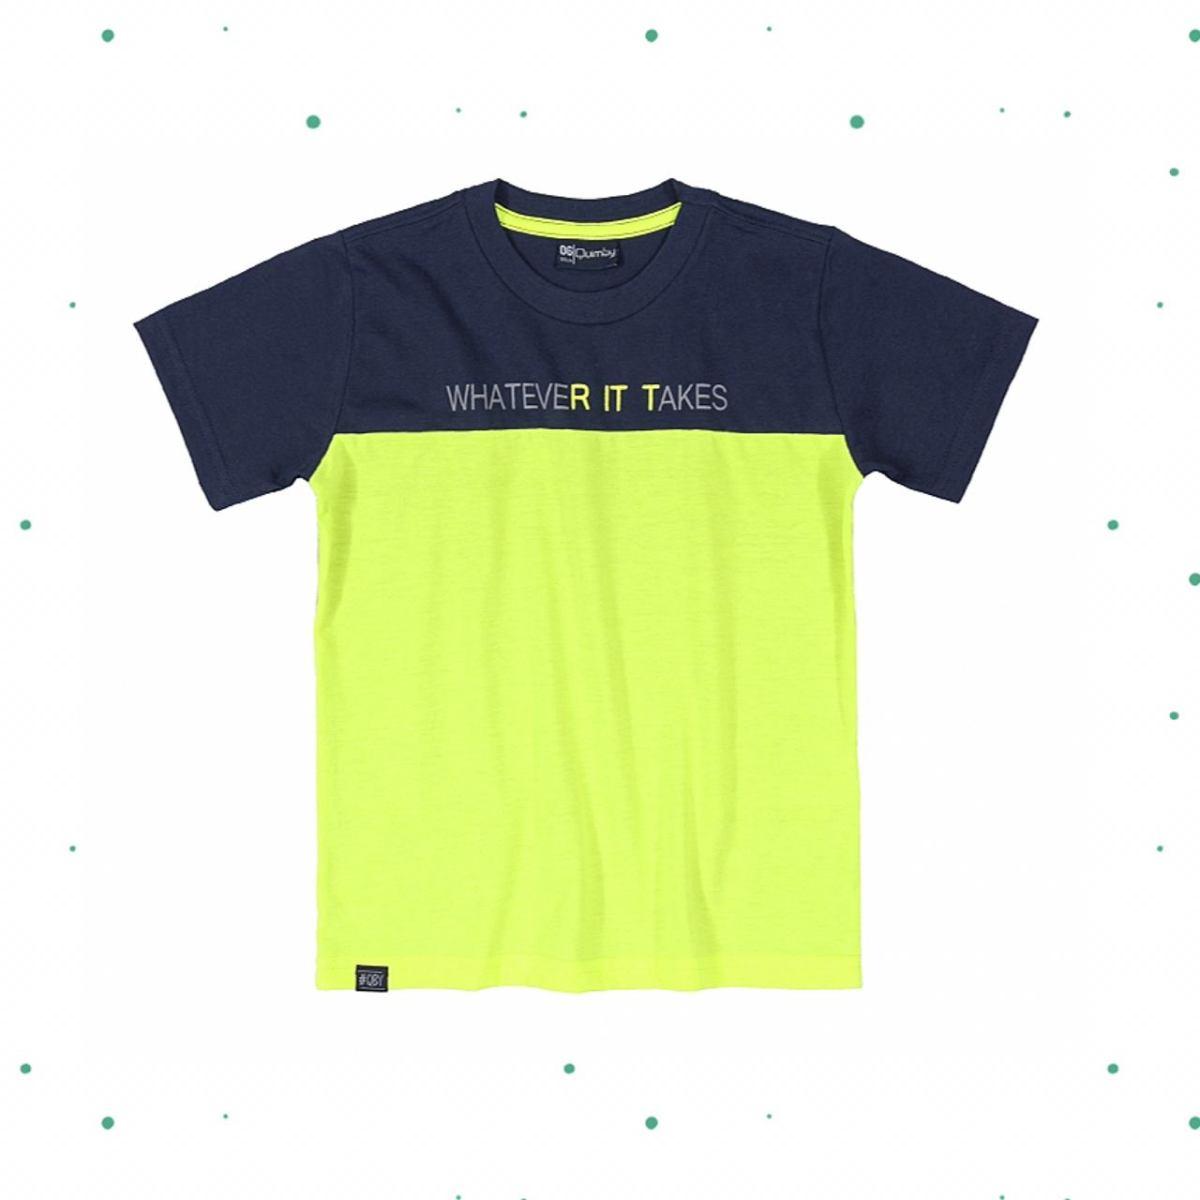 Camiseta Menino Quimby Estampada em Algodão